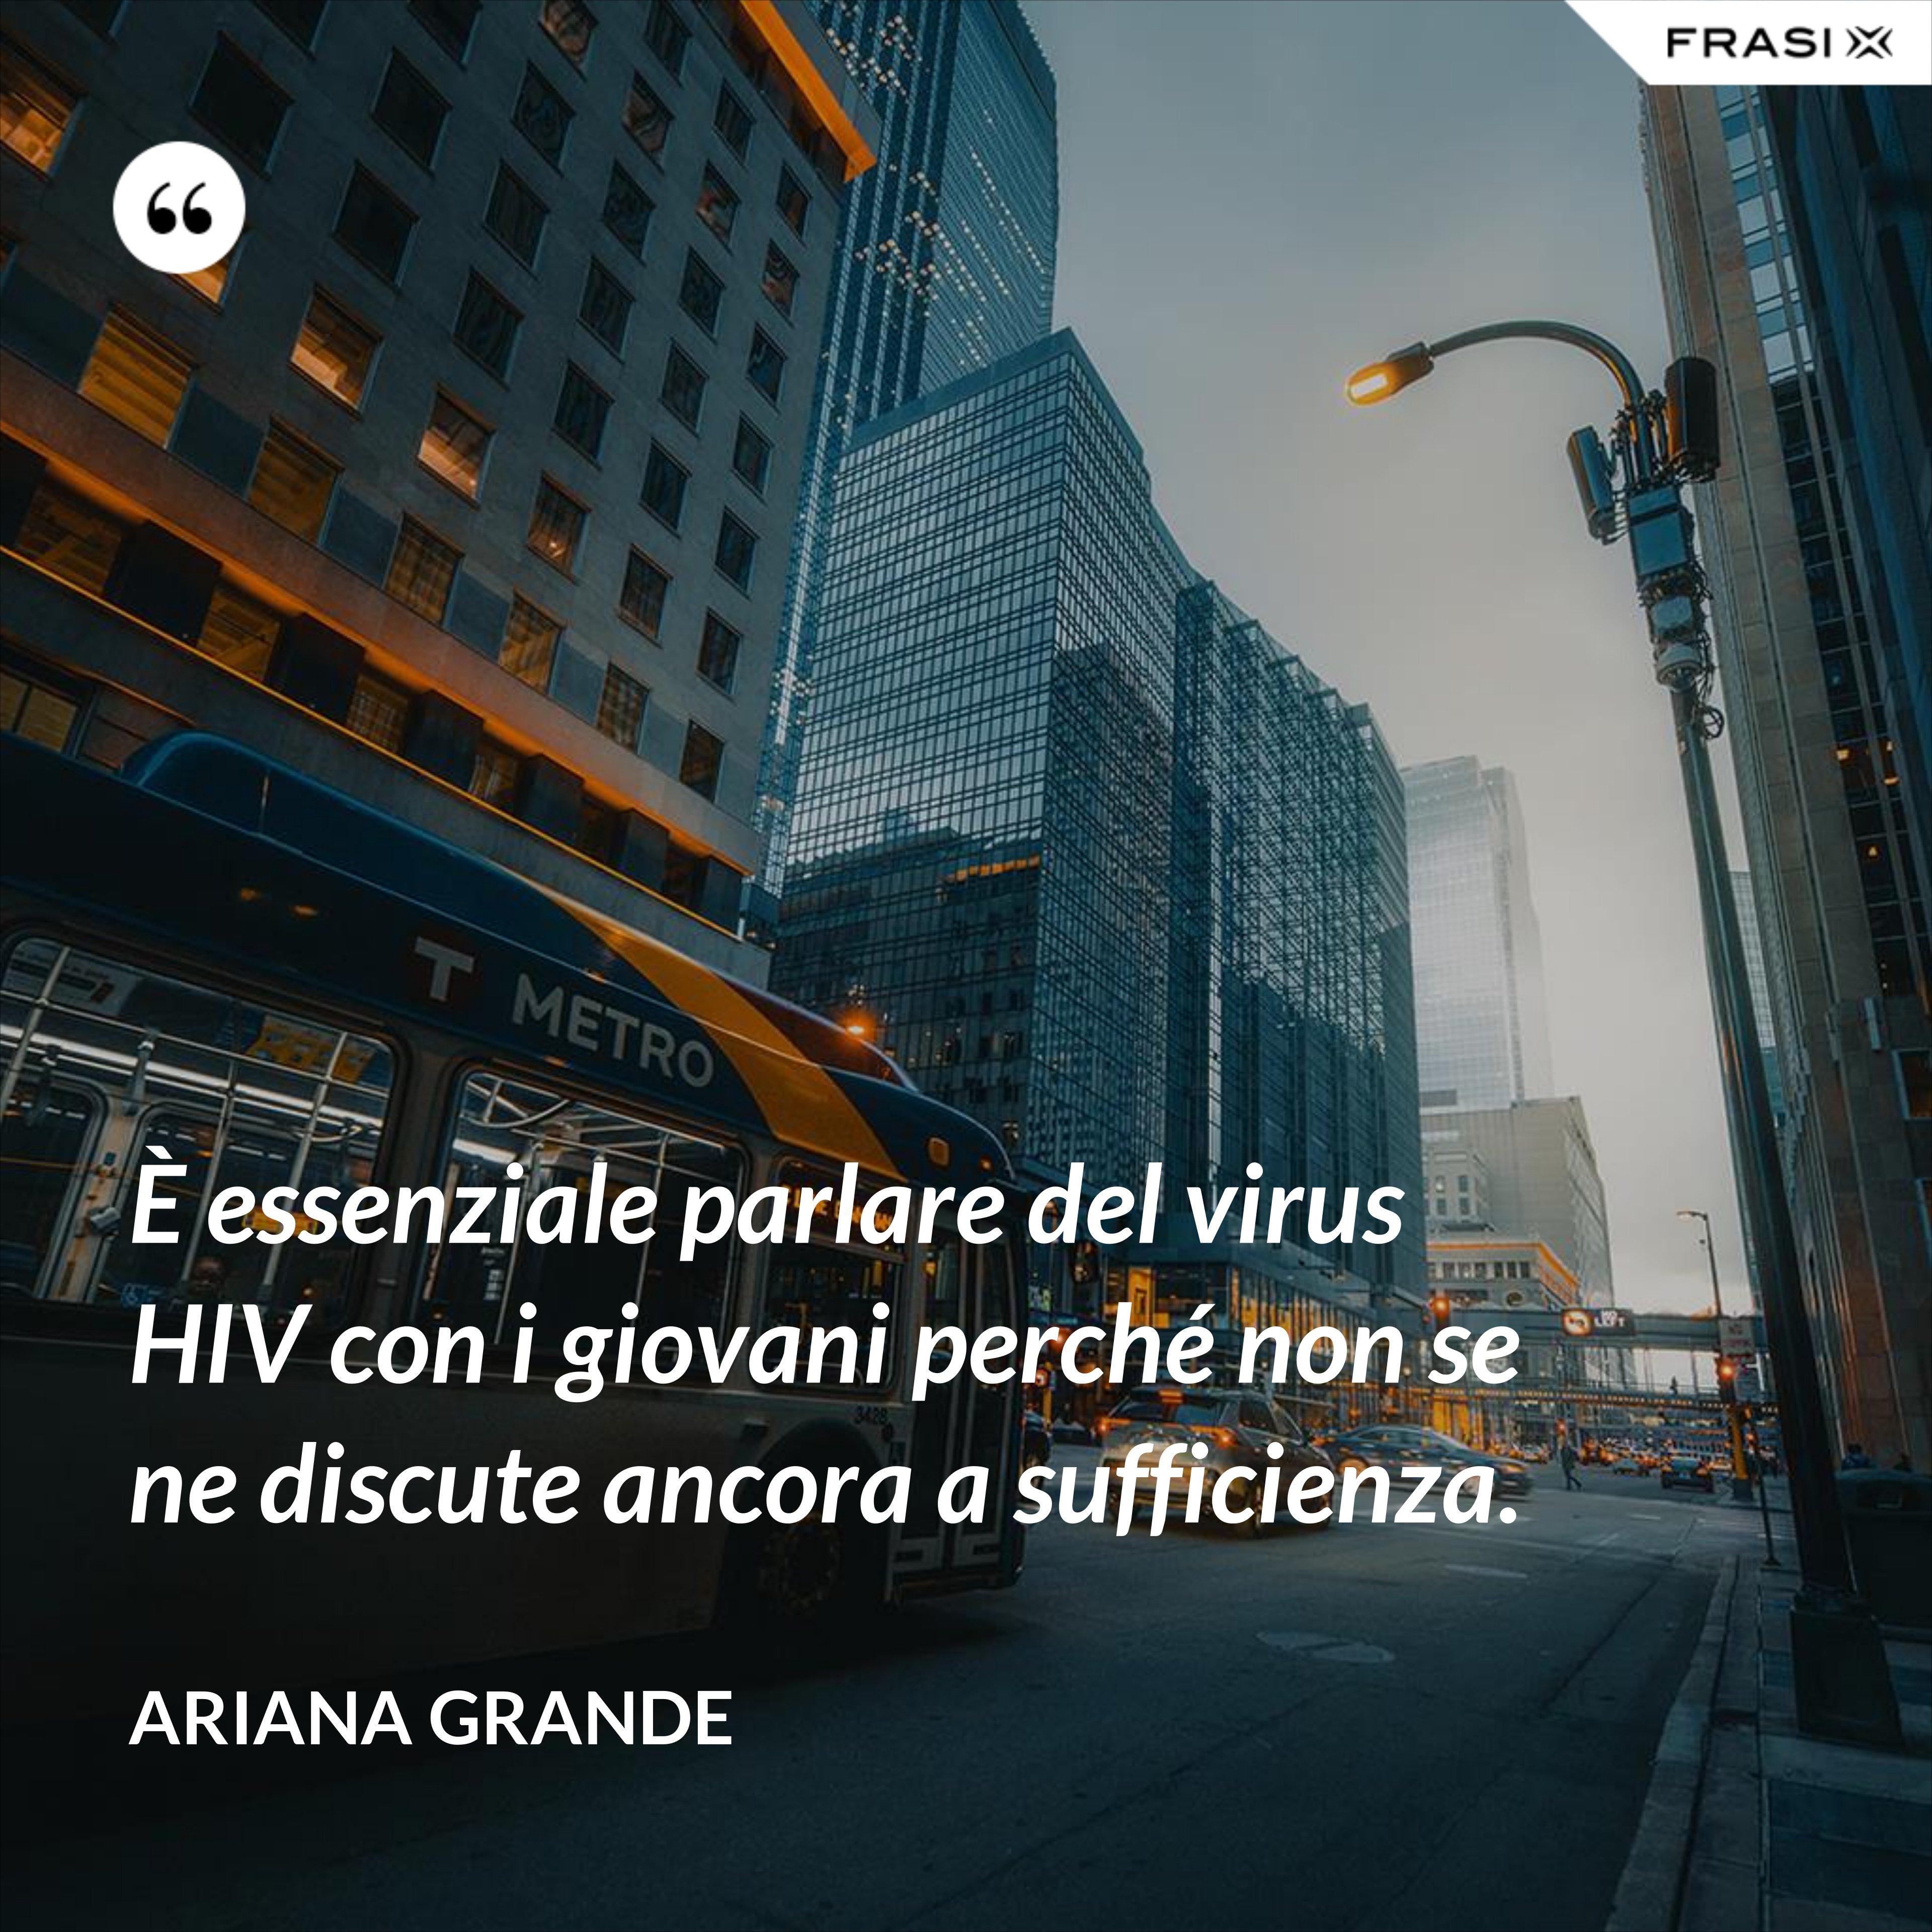 È essenziale parlare del virus HIV con i giovani perché non se ne discute ancora a sufficienza. - Ariana Grande